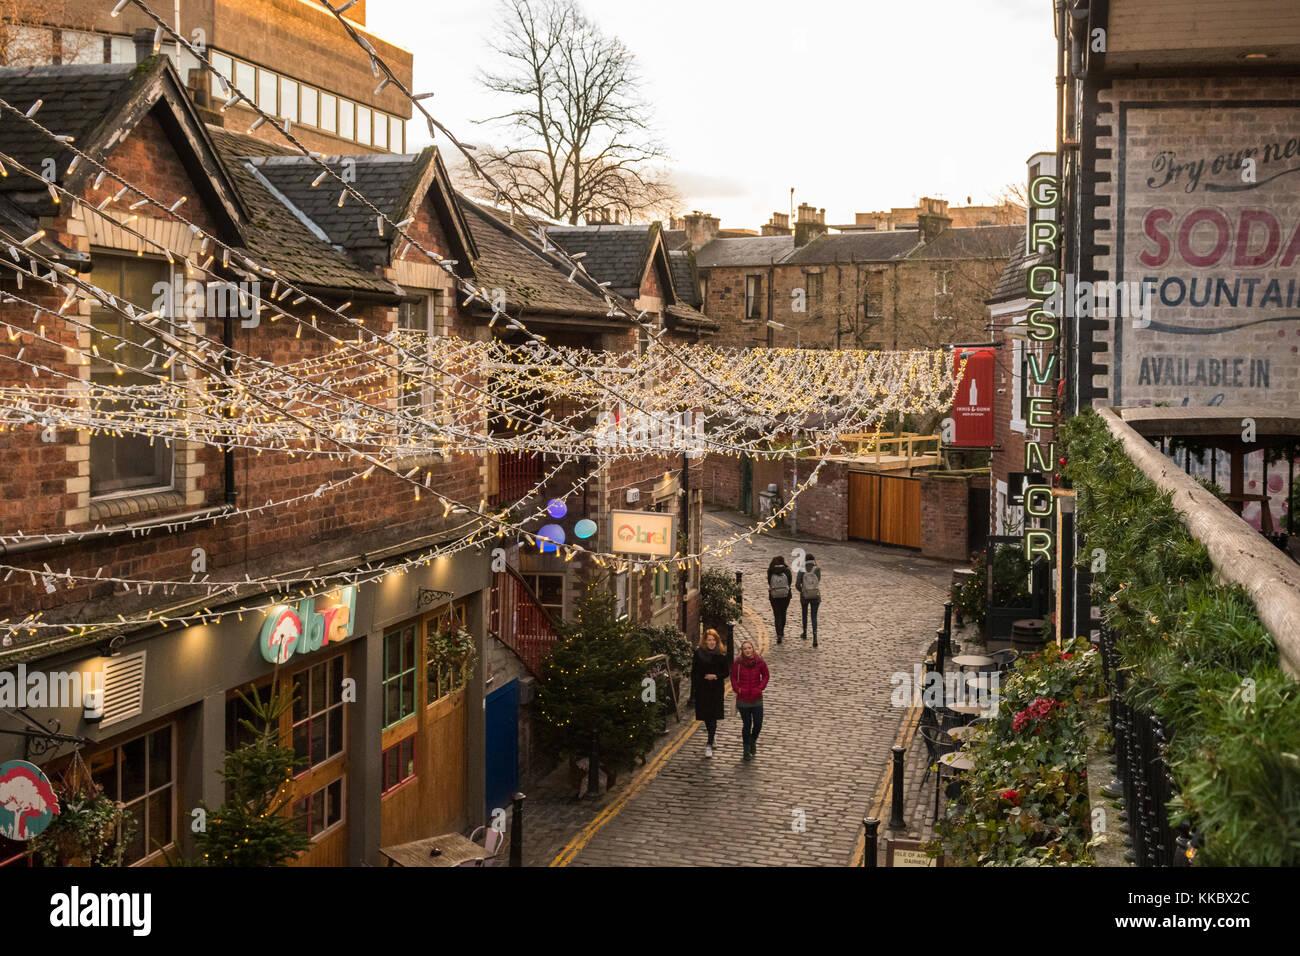 Ashton Lane in Glasgow's West End, Scotland, UK - Stock Image